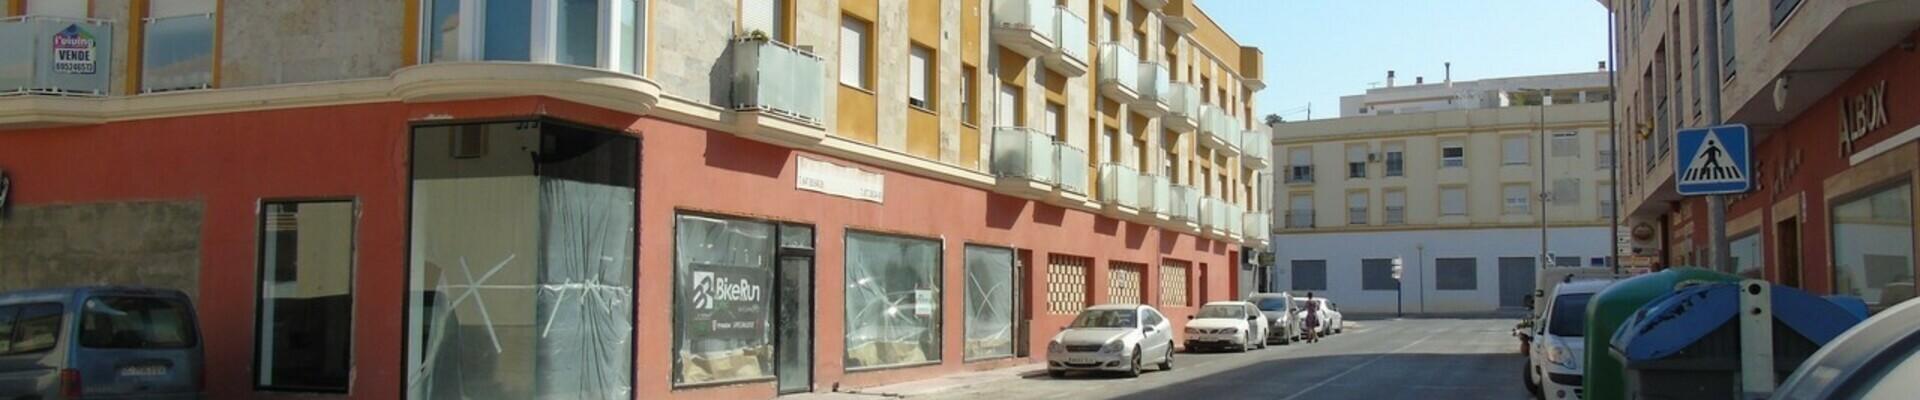 AF632: Commercial Property for Sale